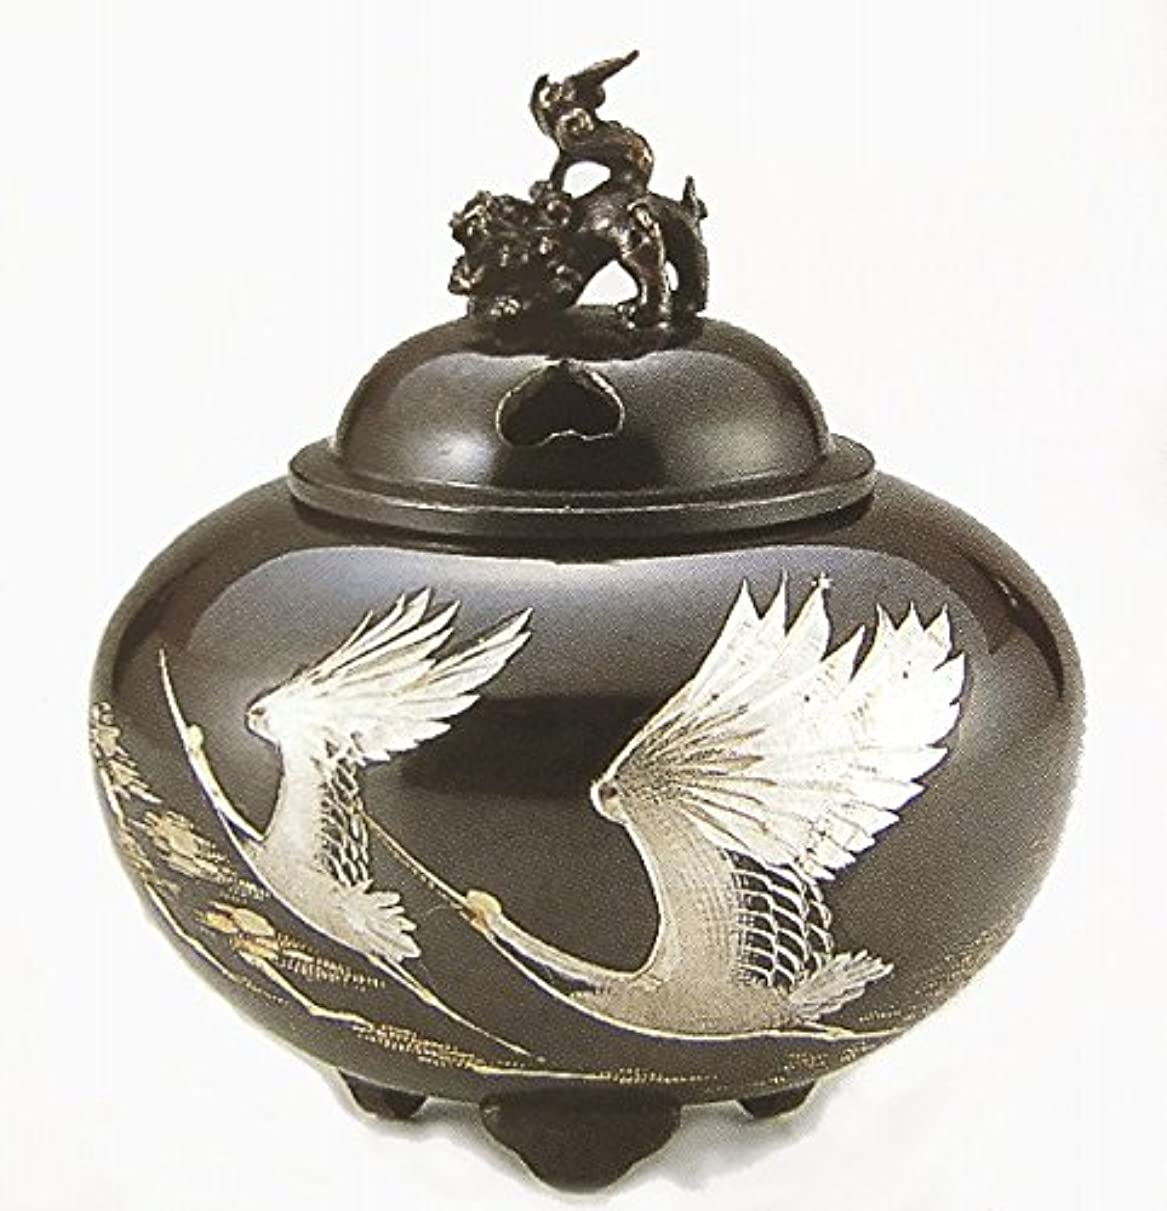 団結する崇拝しますぶどう『平丸獅子蓋香炉?双鶴』銅製